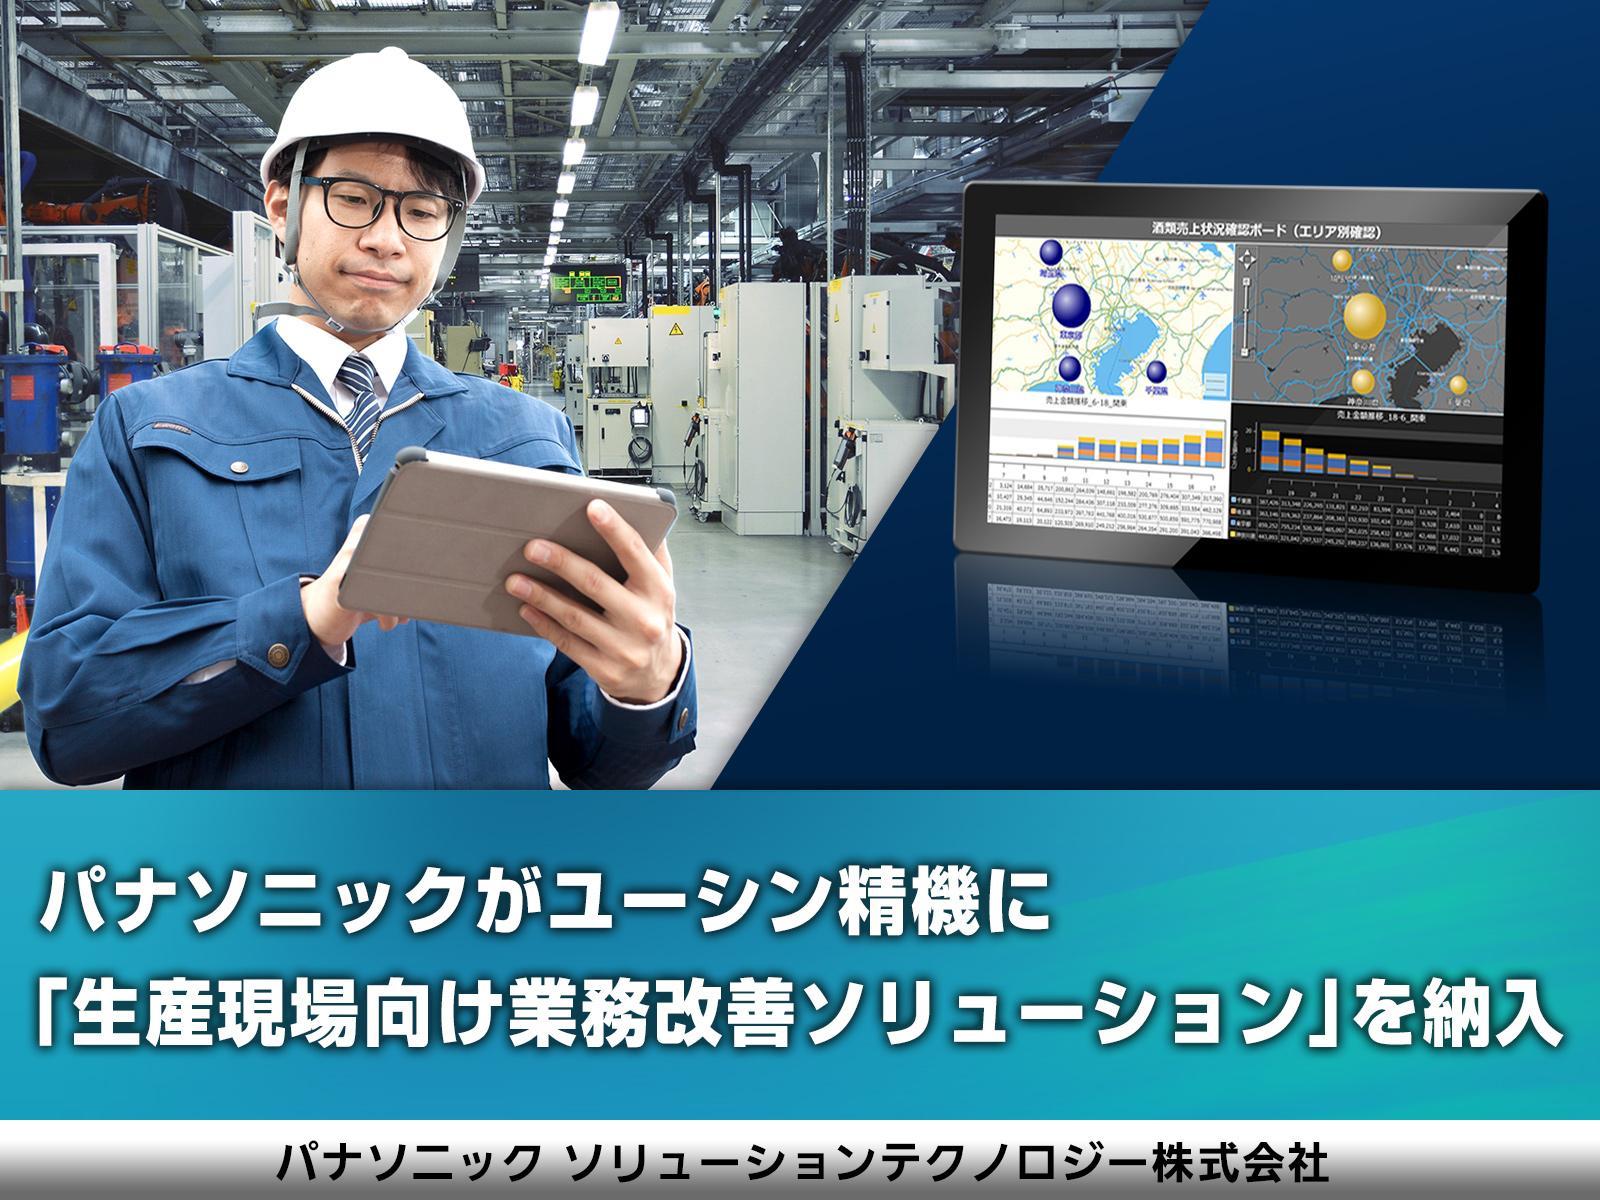 パナソニックがユーシン精機に「生産現場向け業務改善ソリューション」を納入